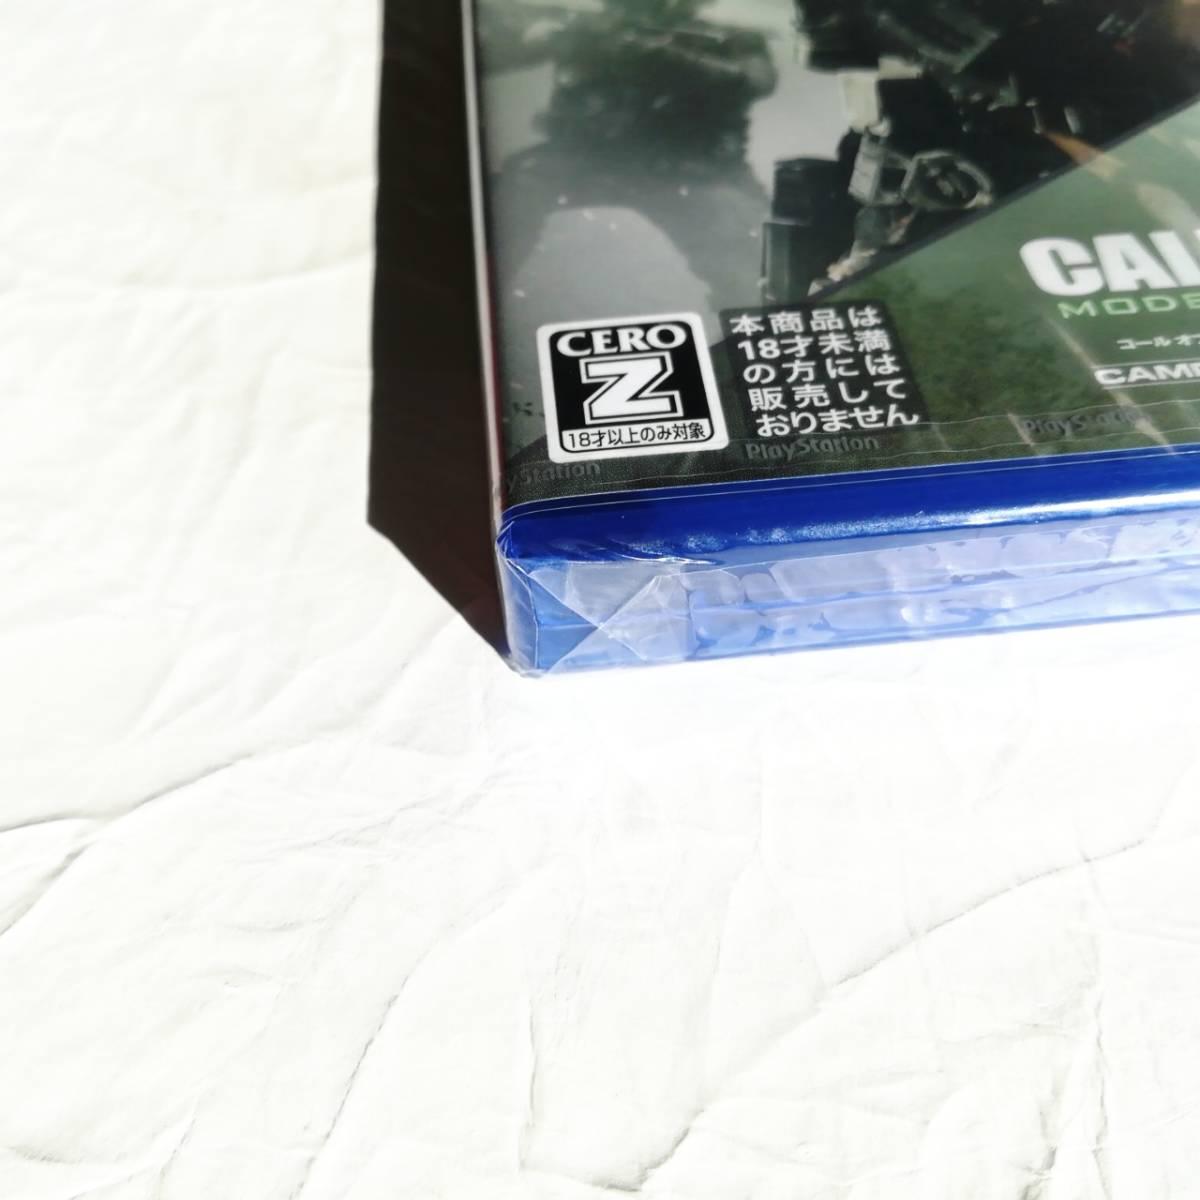 コールオブデューティ インフィニット・ウォーフェア レガシーエディション【PS4】CODMW HDリマスター版同梱★新品未開封★送料込み